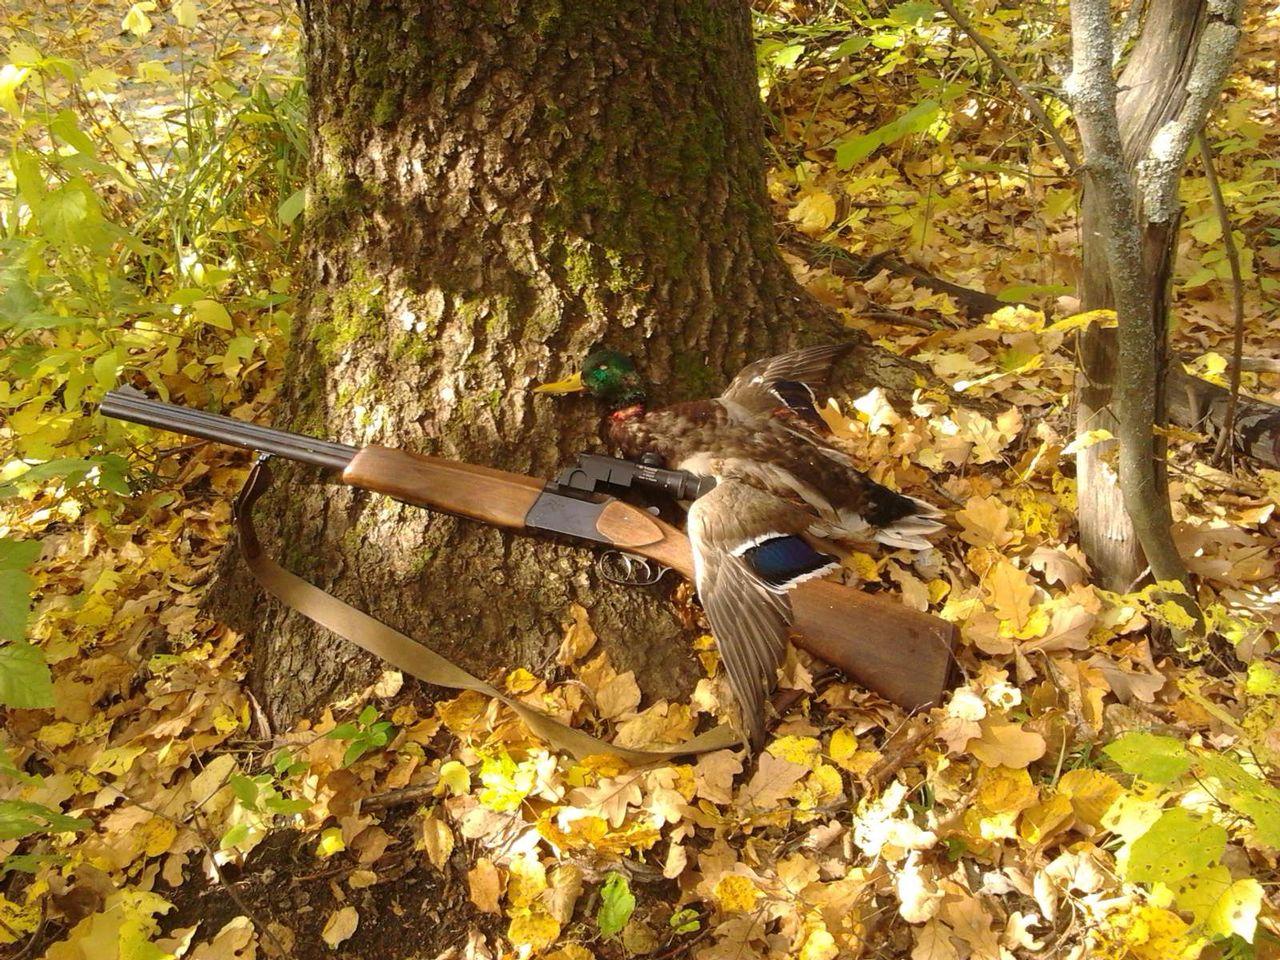 Фото с охоты в лесу